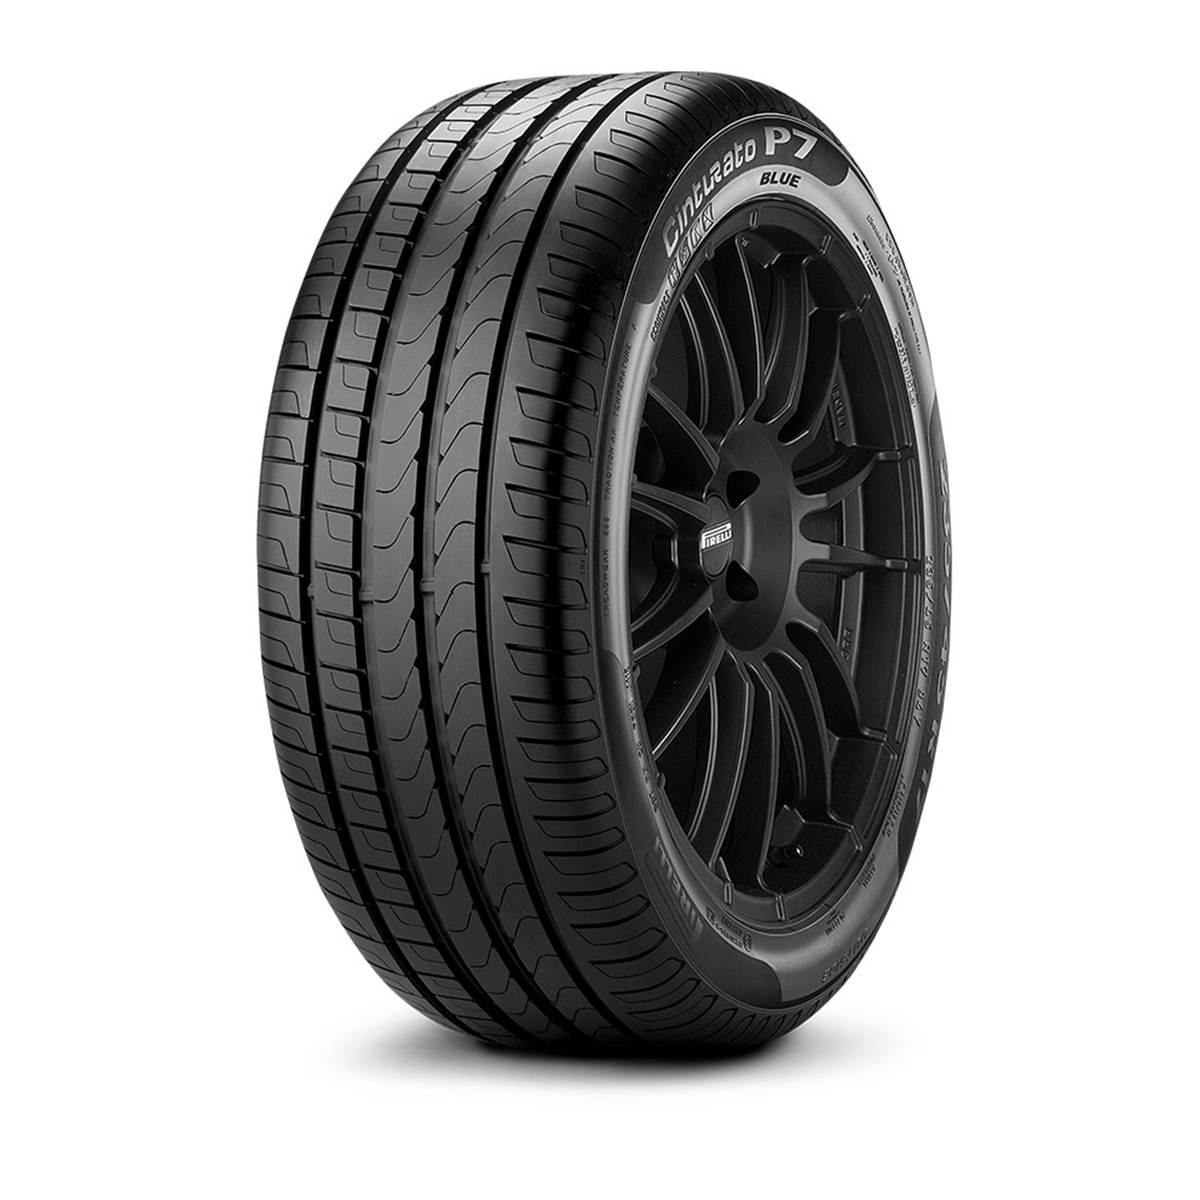 Pneu Pirelli 225/50R17 98Y Cinturato P7 Blue